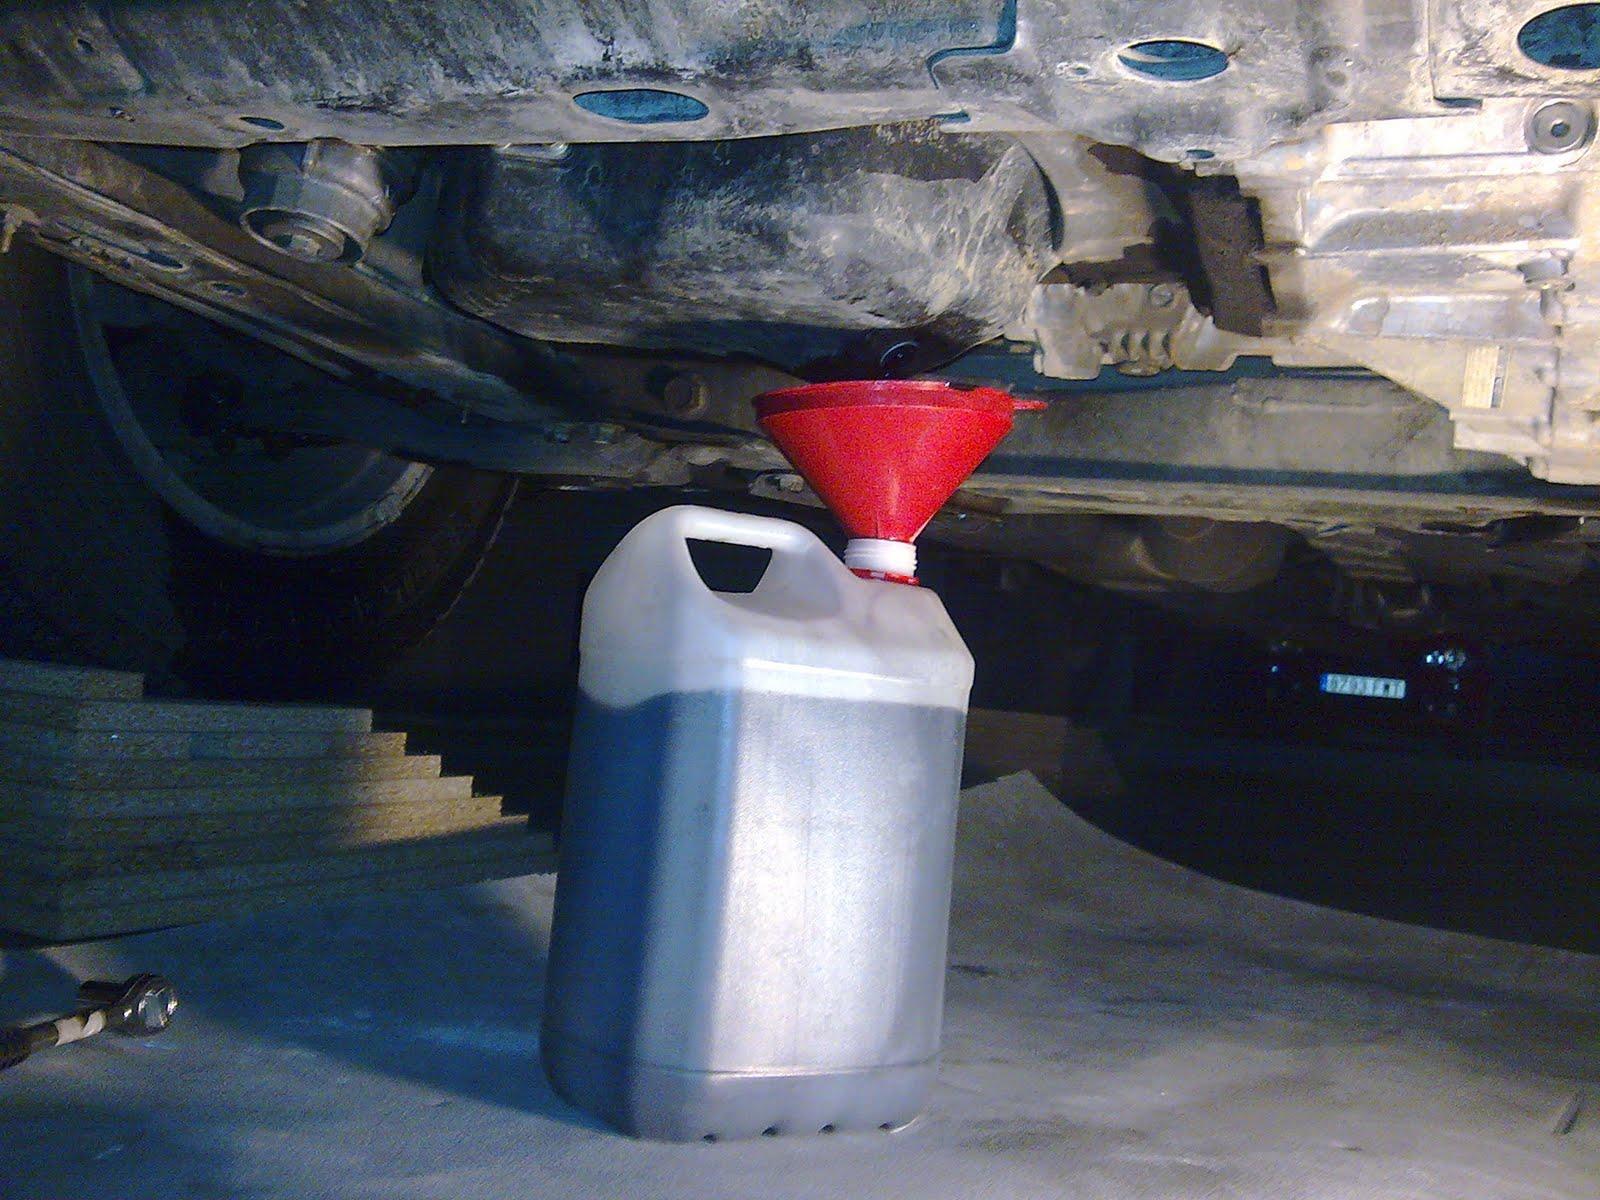 Cambio filtro aceite toyota rav4 - Como sacar aceite del piso ...